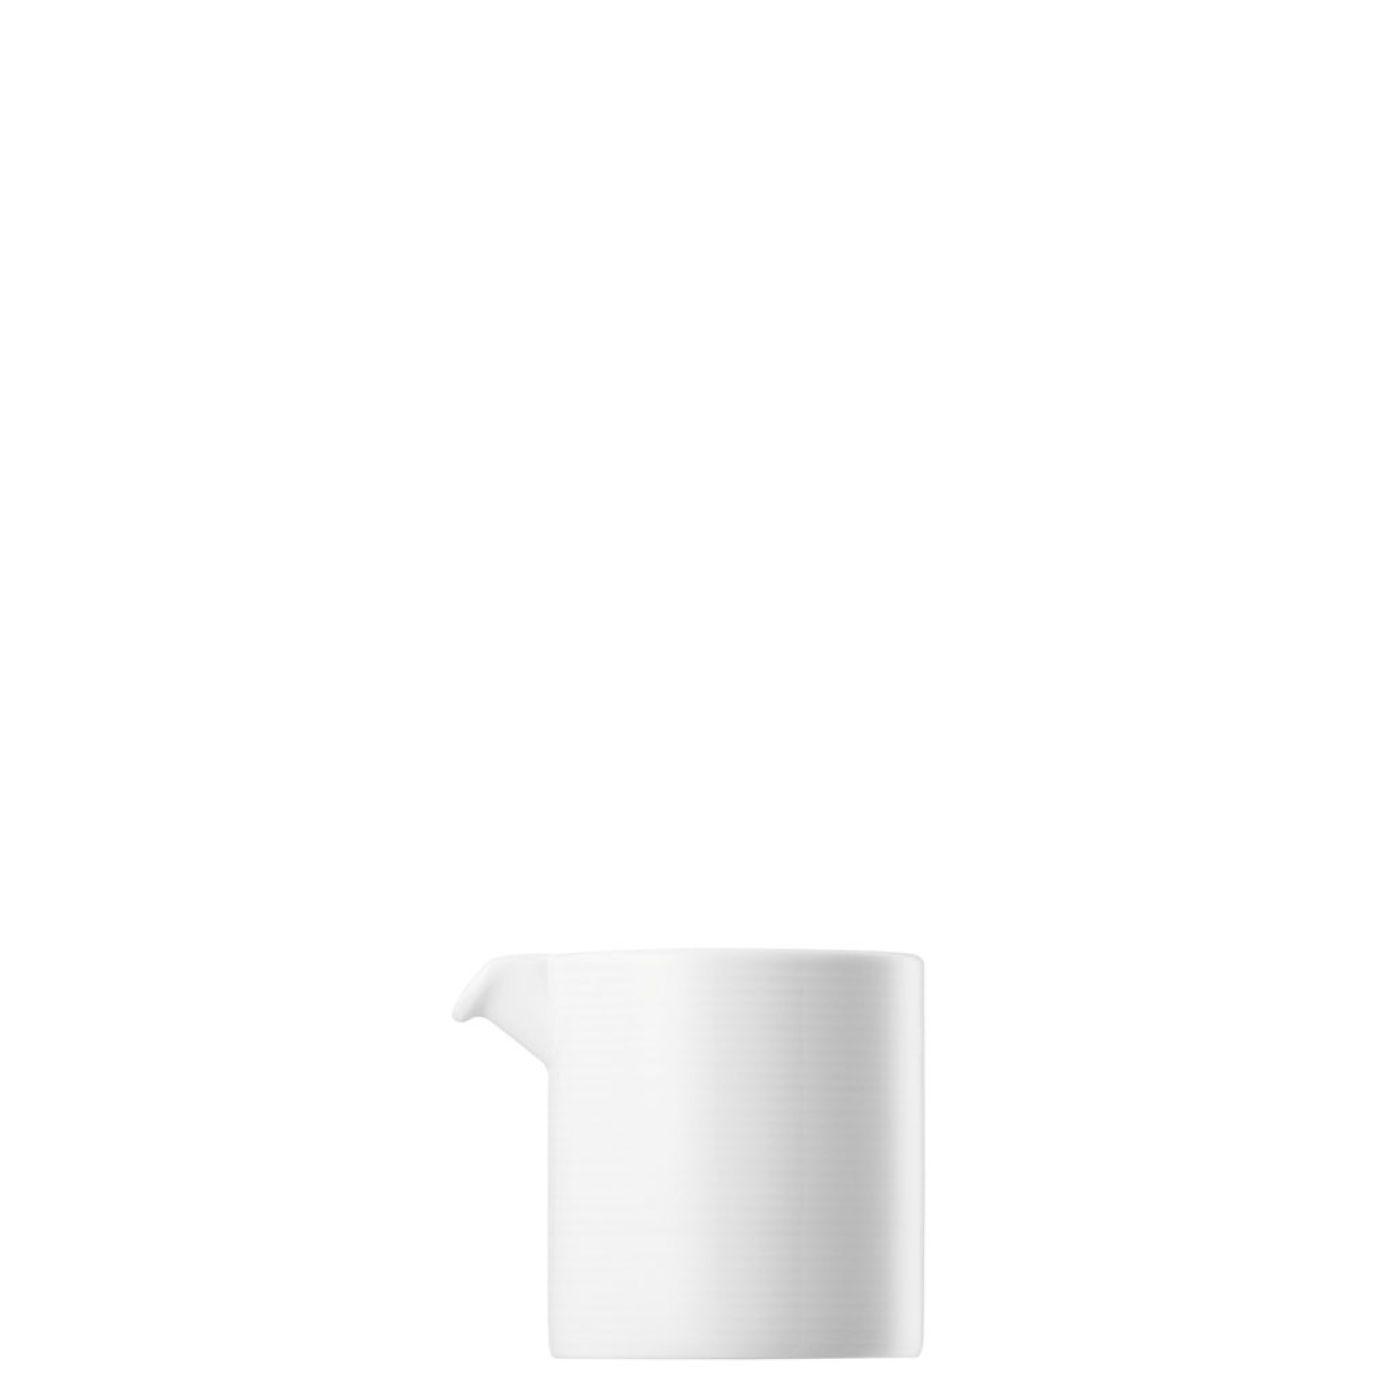 Loft Vit Mjölkkanna 26 cl